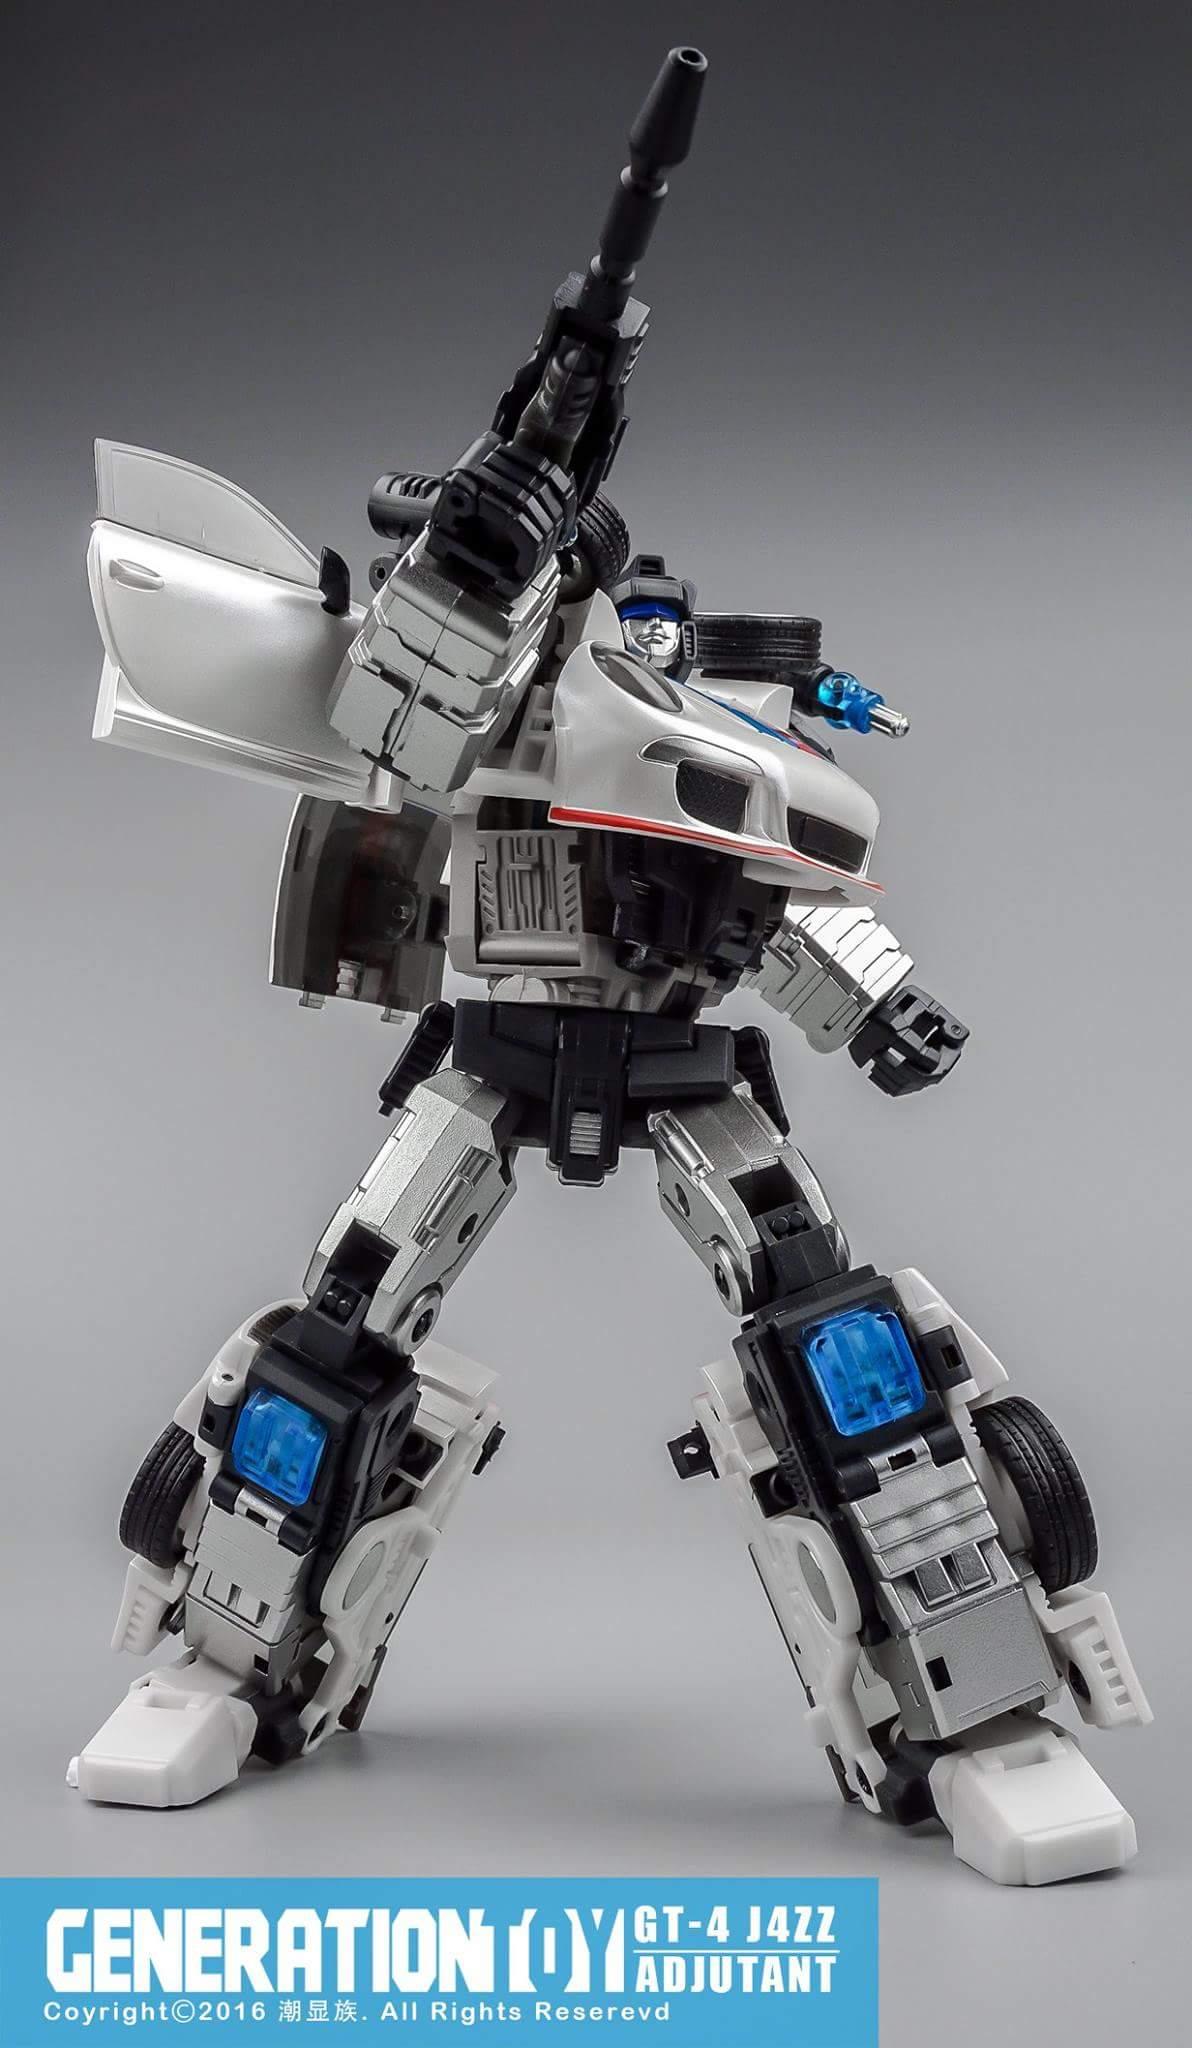 [Generation Toy] Produit Tiers - Jouets TF de la Gamme GT - des BD TF d'IDW Nfz2i7x3